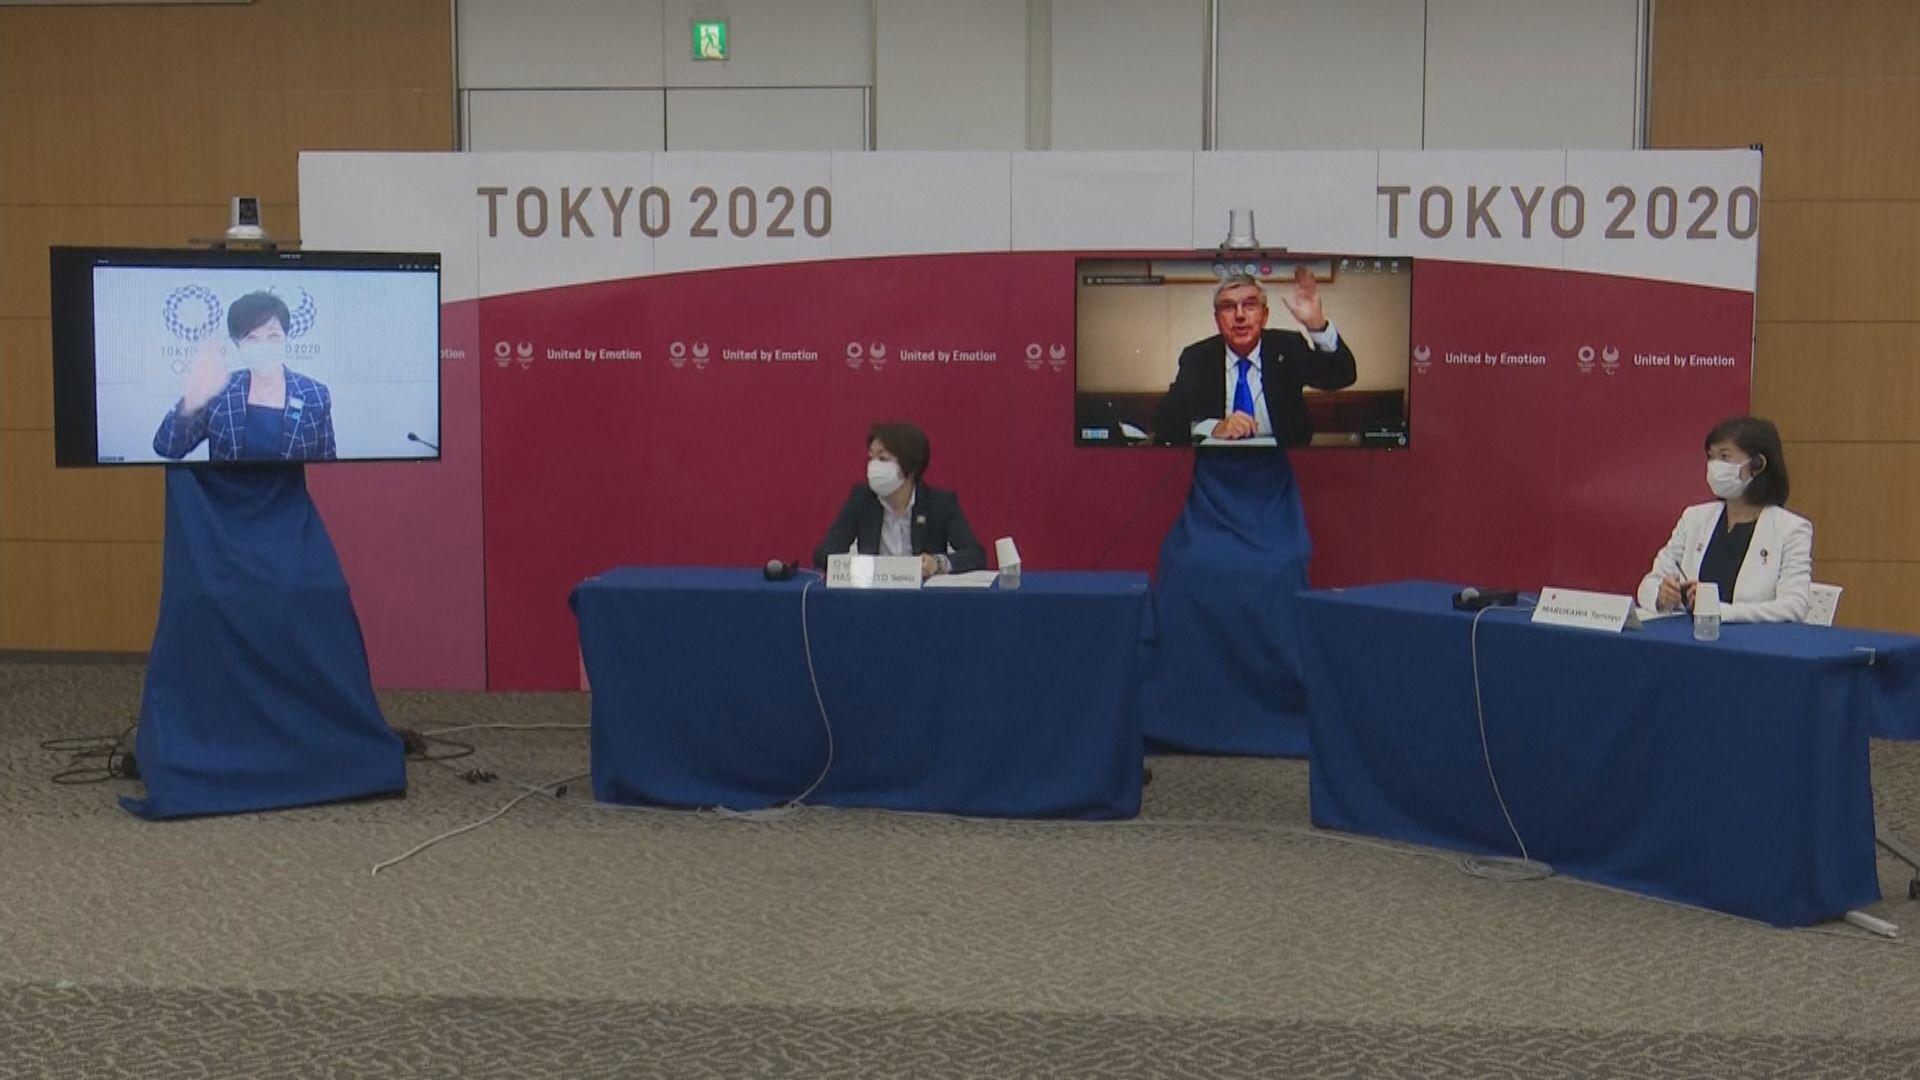 奧運東京都內場館決定閉門作賽